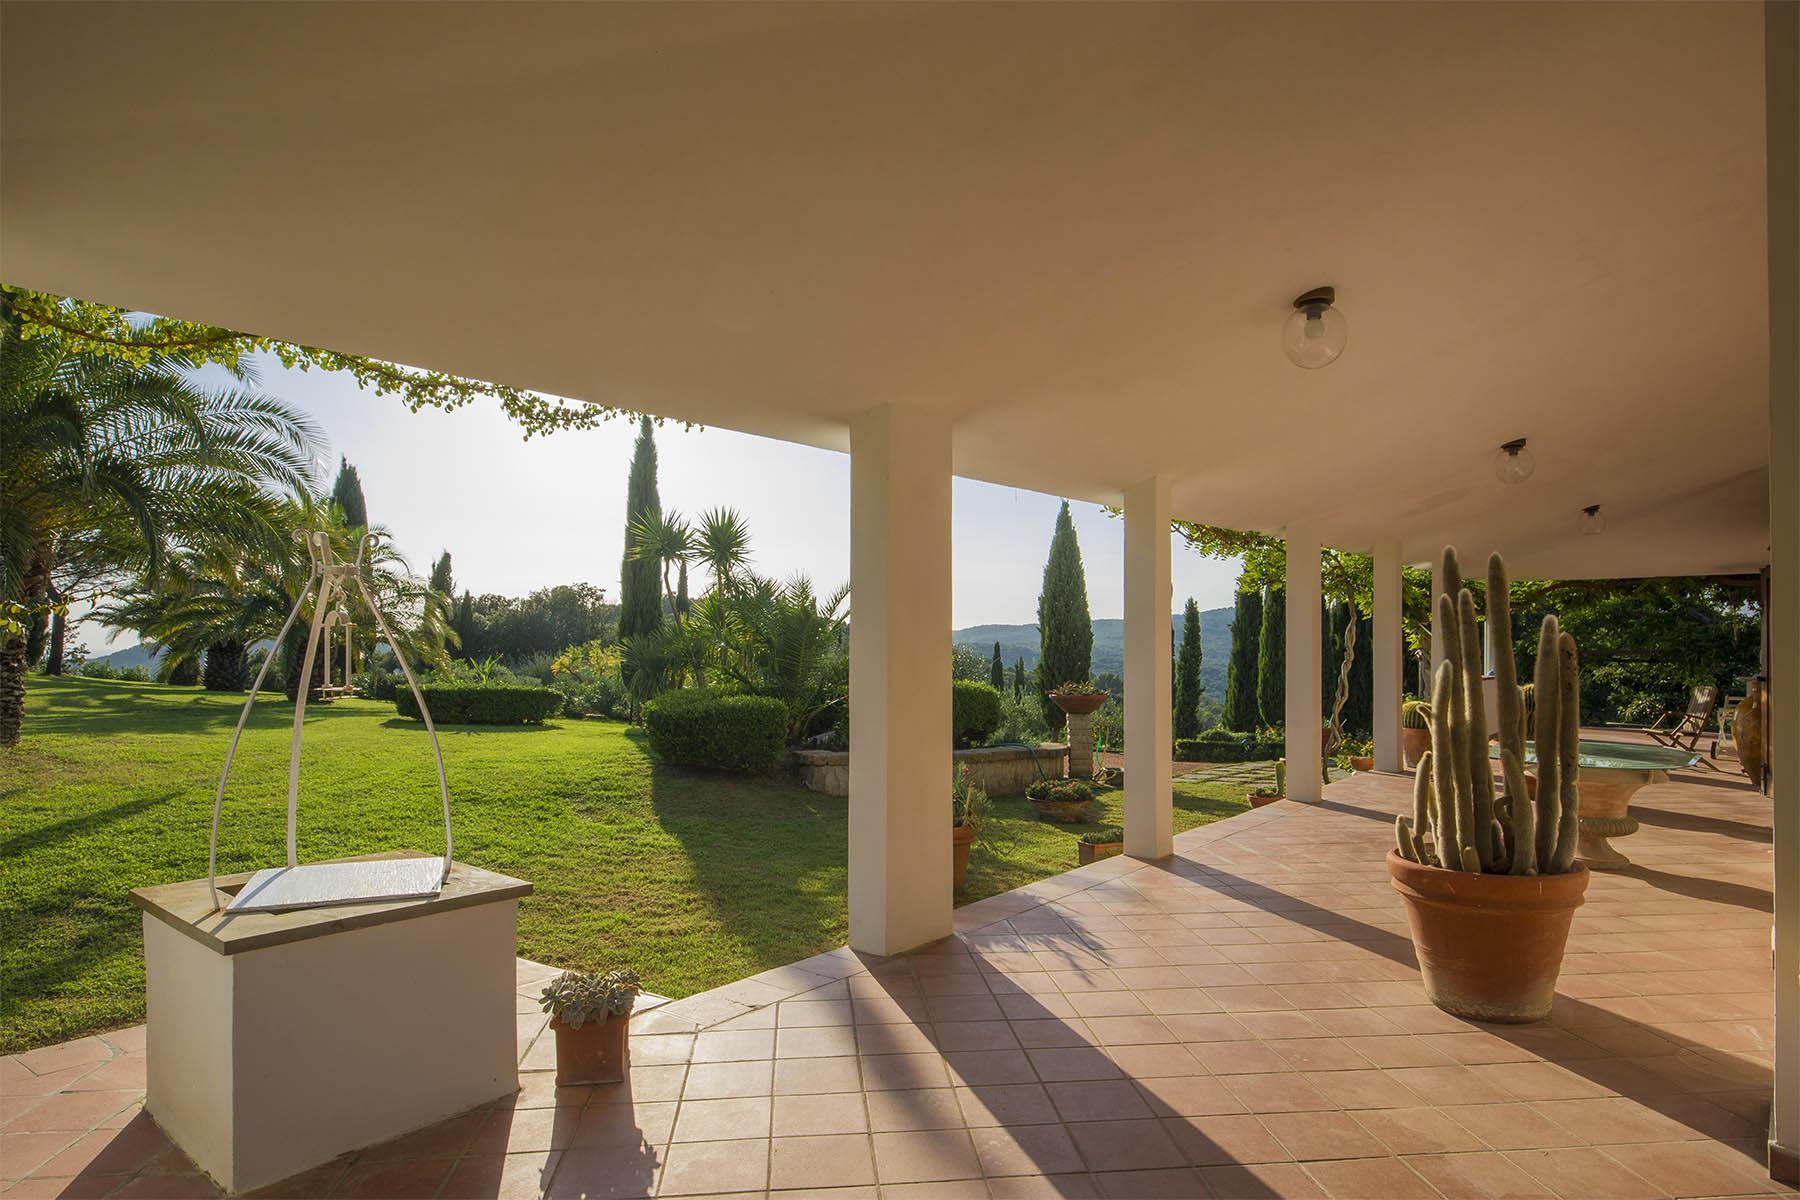 Villa in collina vista mare, nei pressi di Castiglioncello - 20